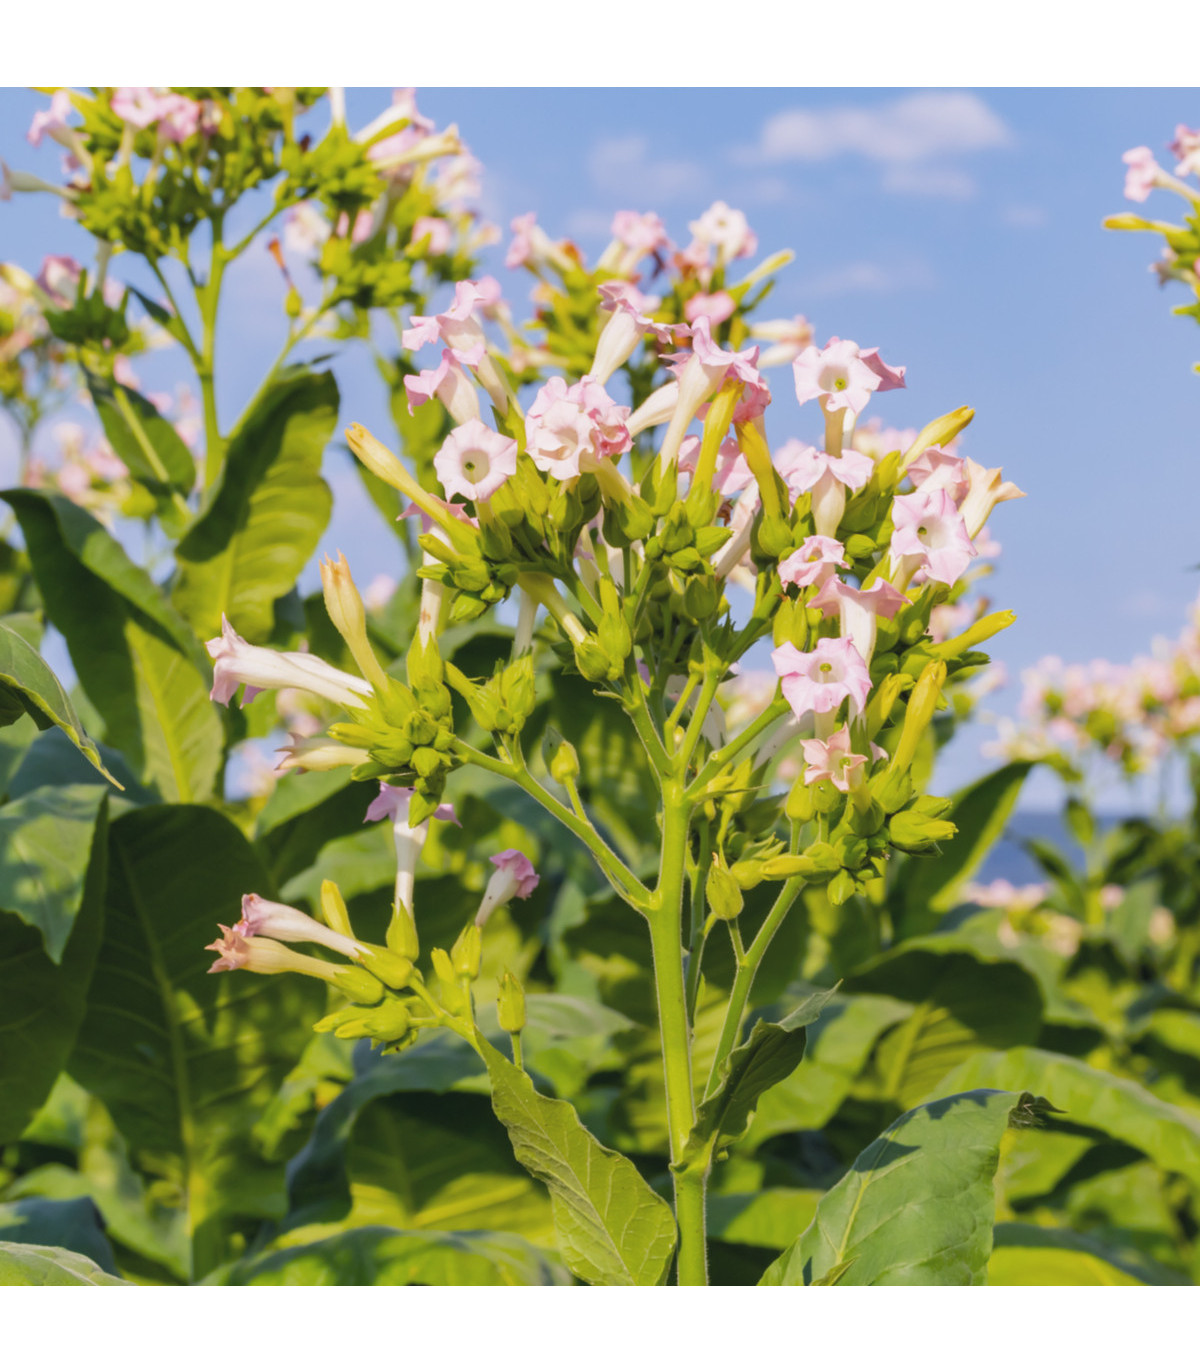 Tabák Madole SPECIÁL - rostlina Nicotiana tabacum - semena tabáku - 20 ks